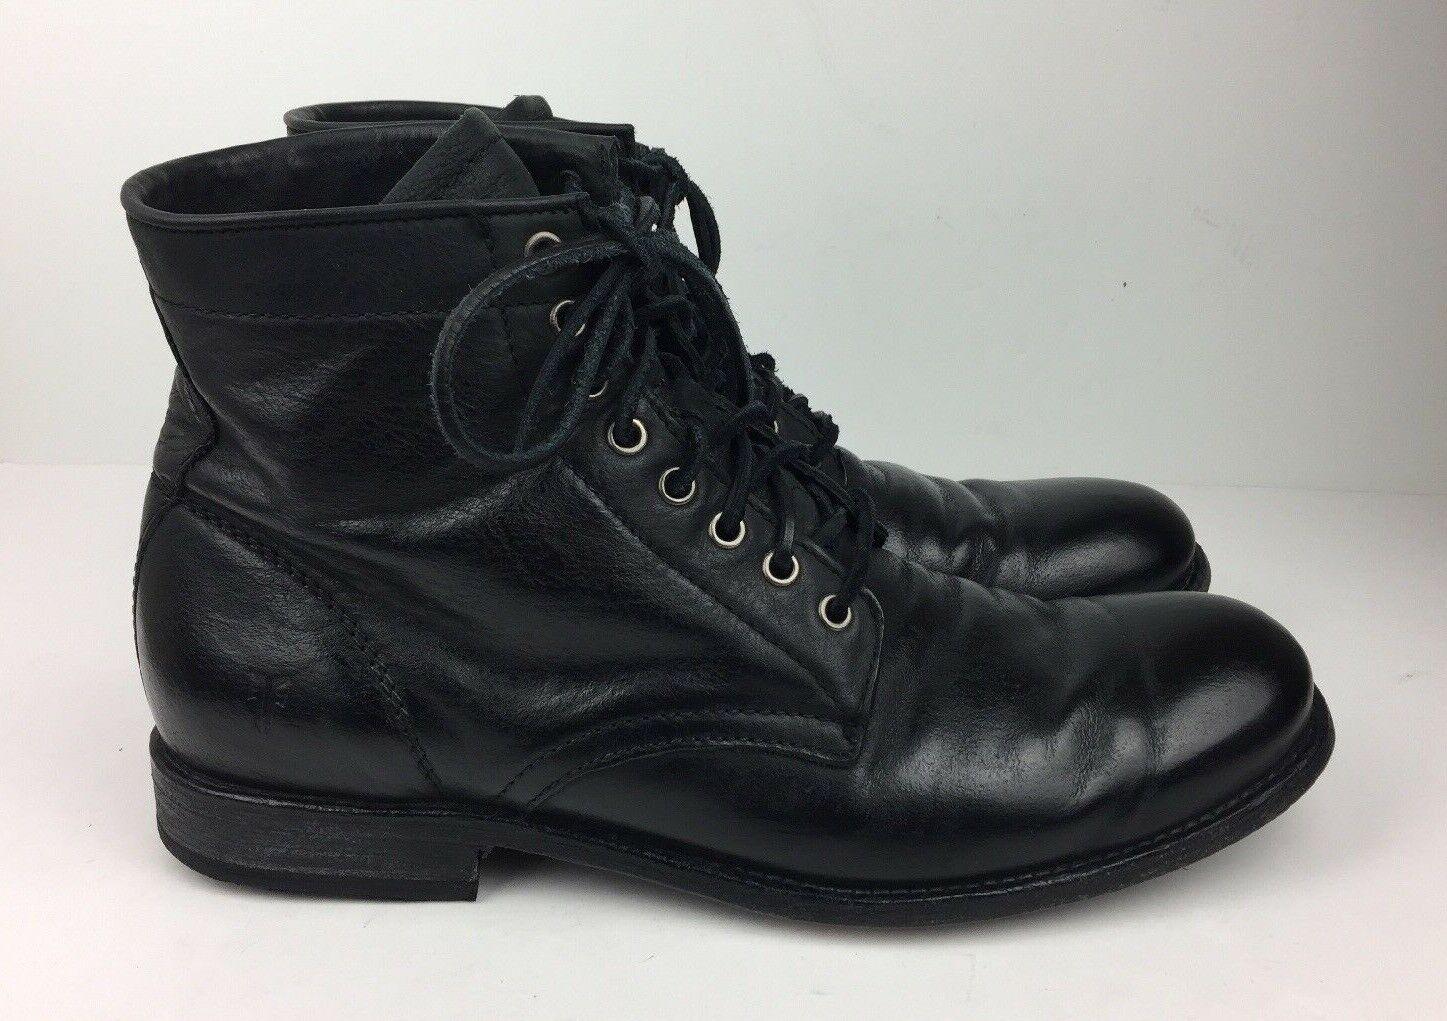 Frye  Tyler  Zapatos Para Hombre botas al Tobillo Chukka Negro Lavado a La Piedra De Cuero D